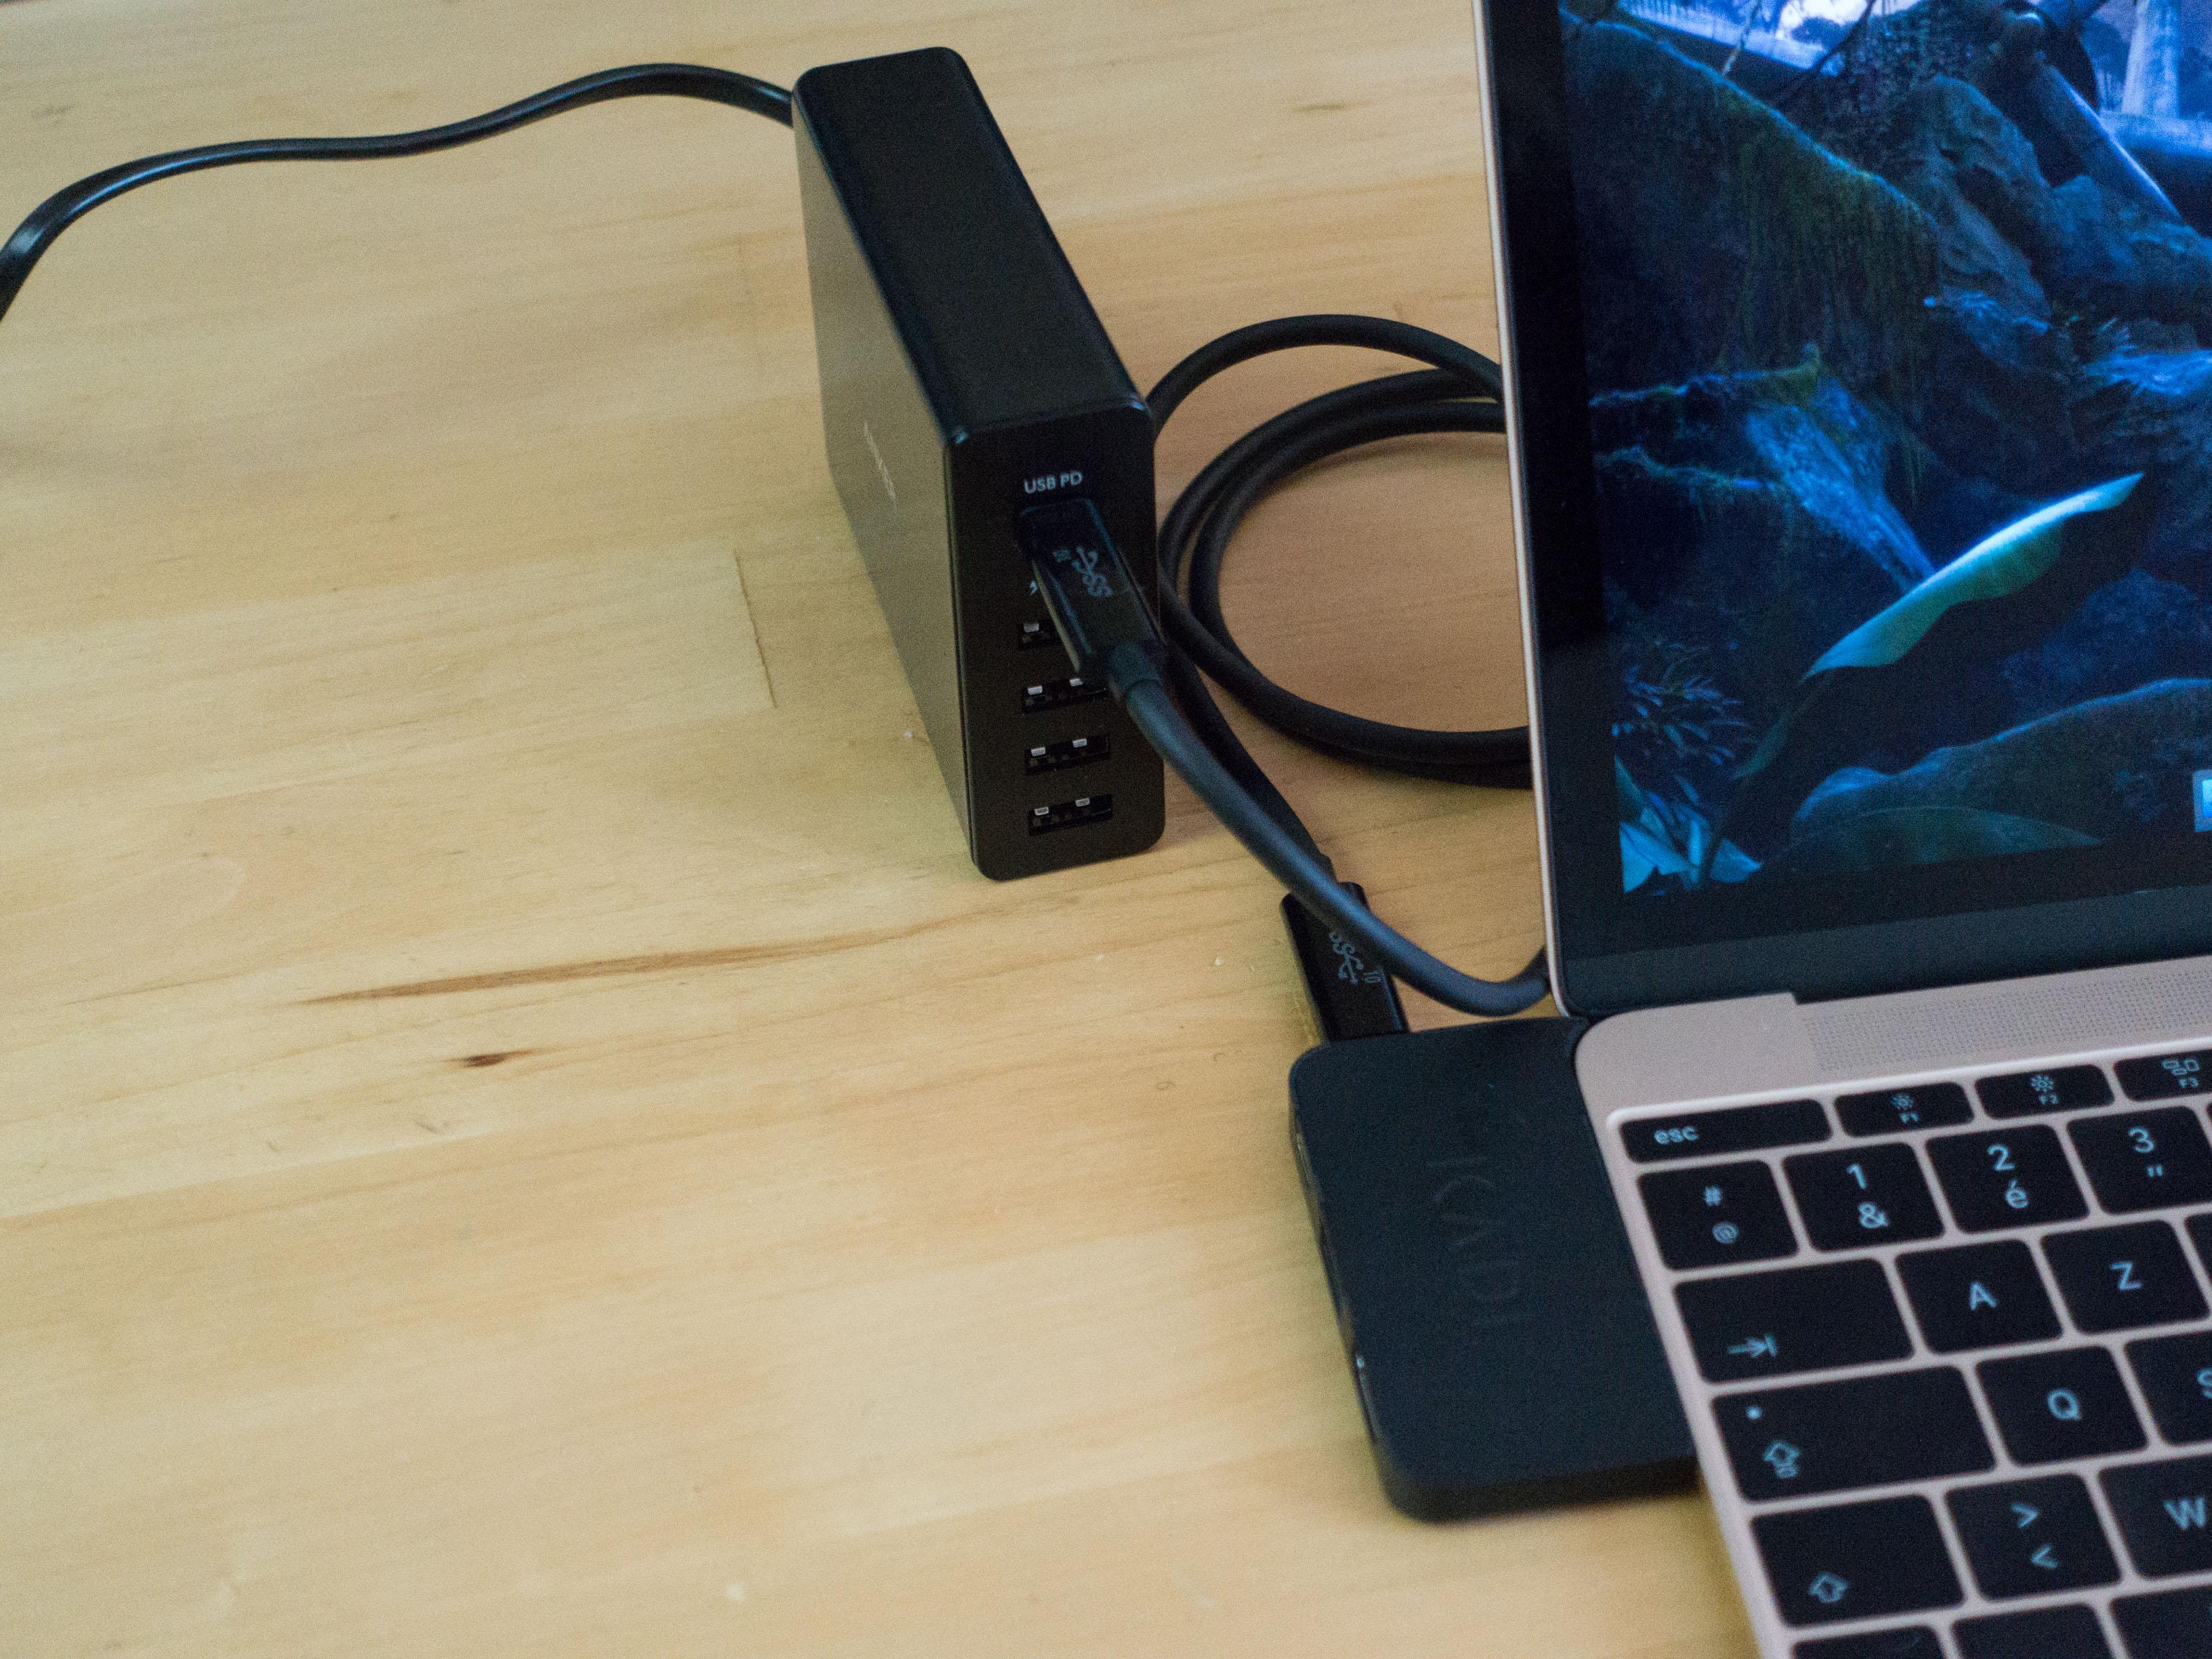 Anker PowerPort+ 5ports USB-C : le top des chargeurs USB pour MacBook